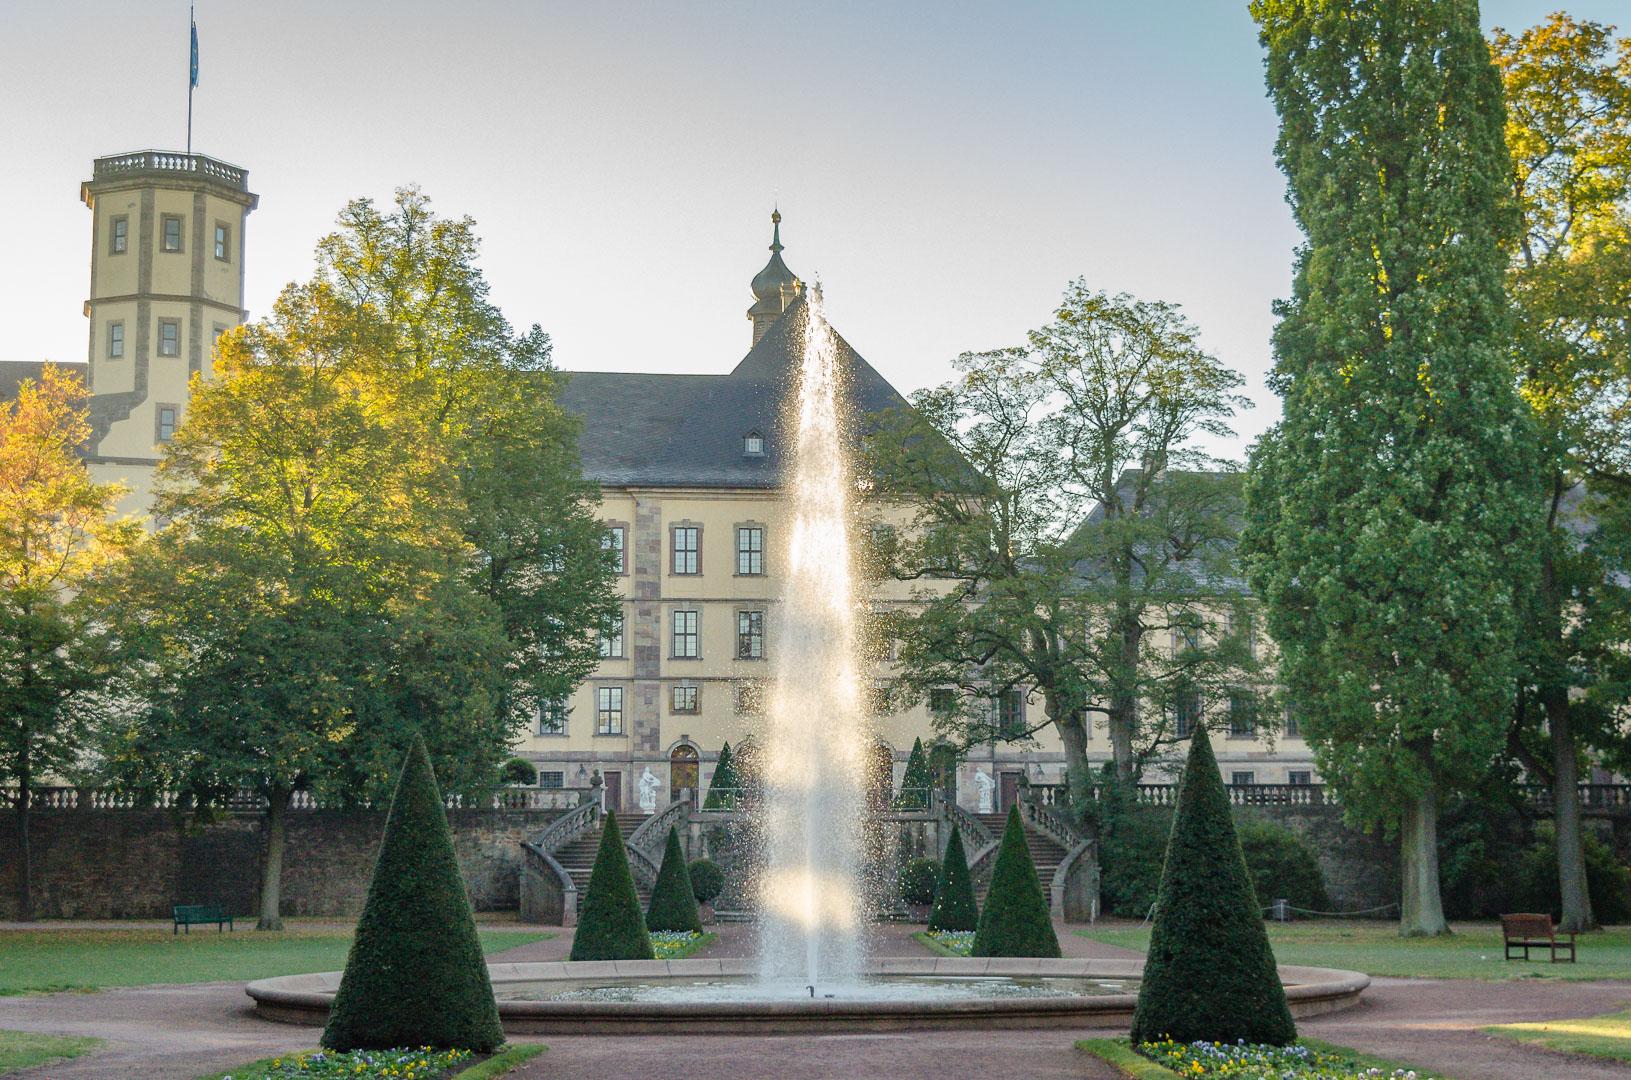 Herbst-in Fulda